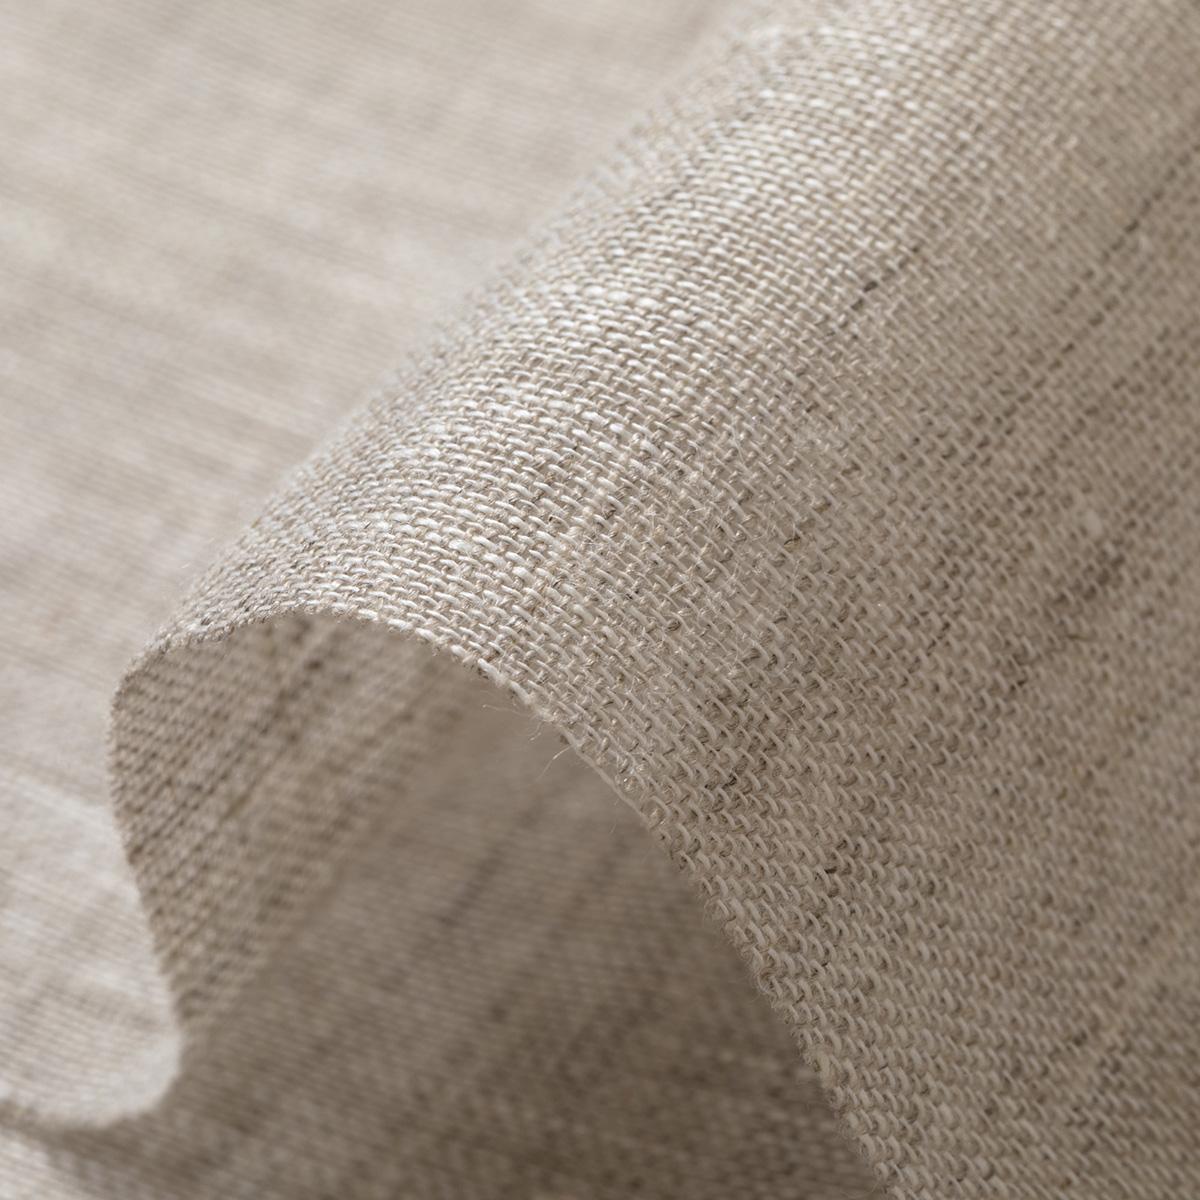 150cm巾 【 リネン 100% 生地 】 オートミール 無地 薄地 ガーゼ 1m単位 R0232 <旧品番 N-2320> 【ストール、カーテン、シャツに最適】